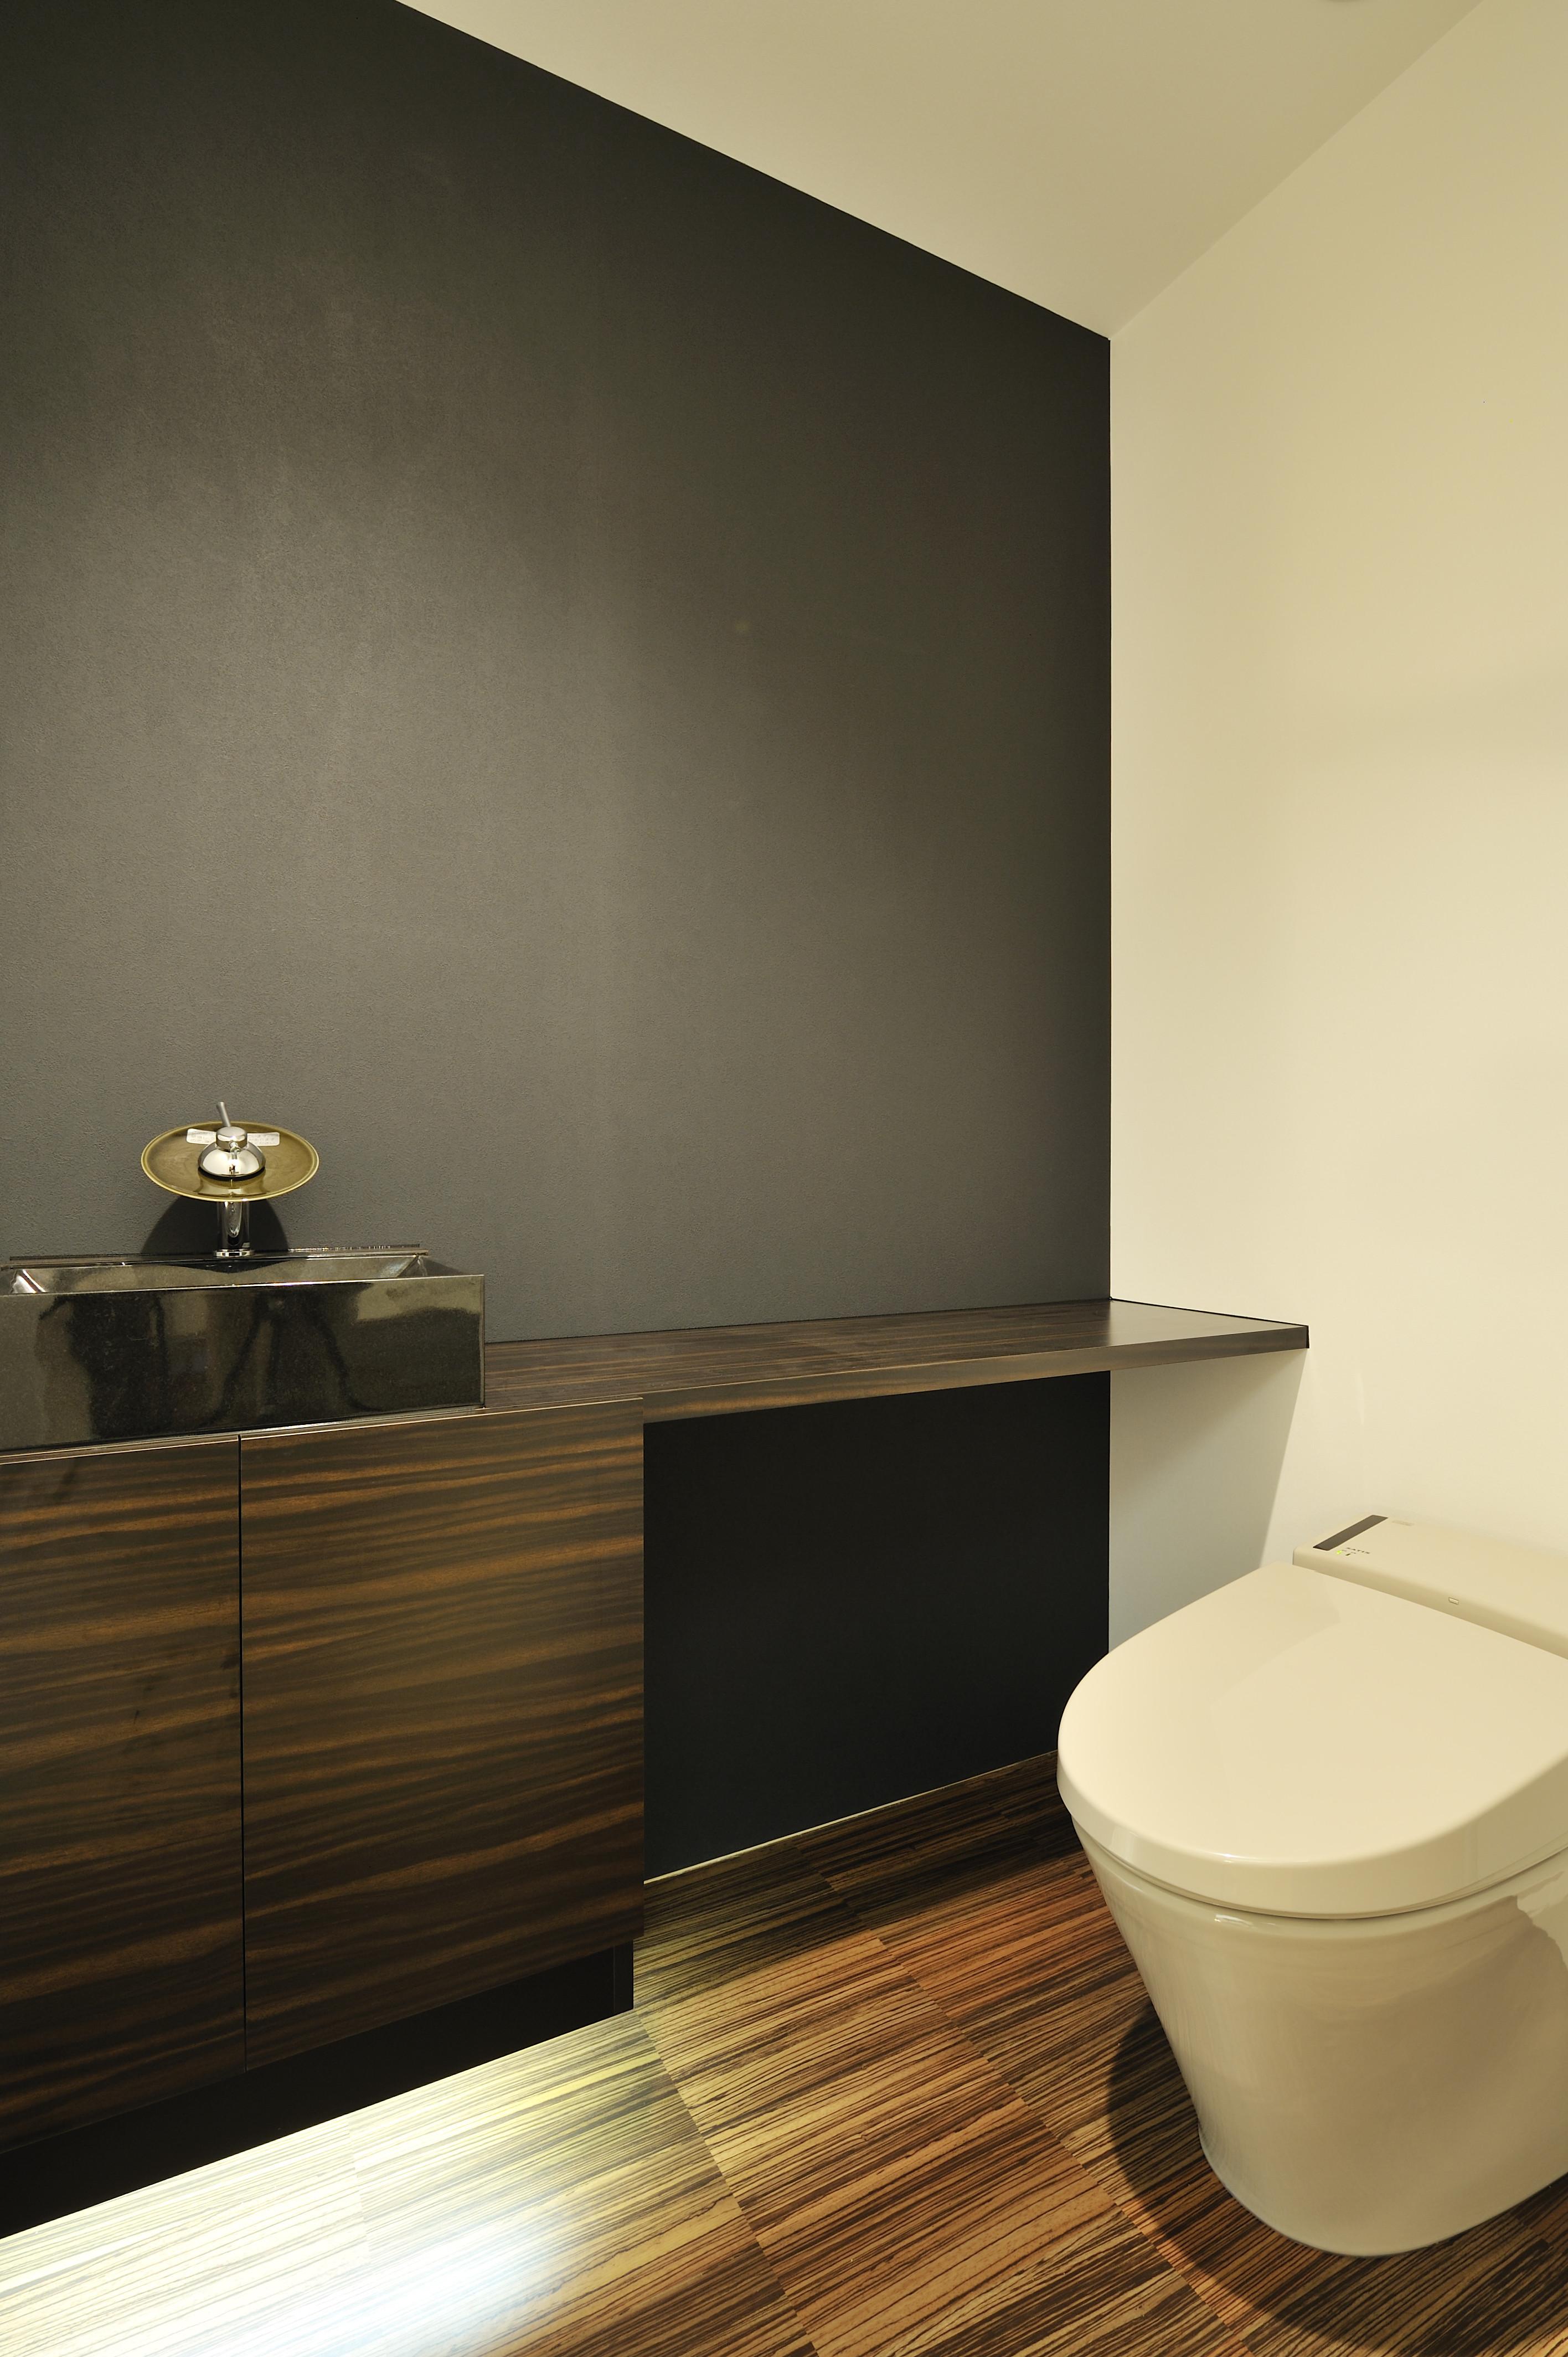 Wood Bathroom Toilet